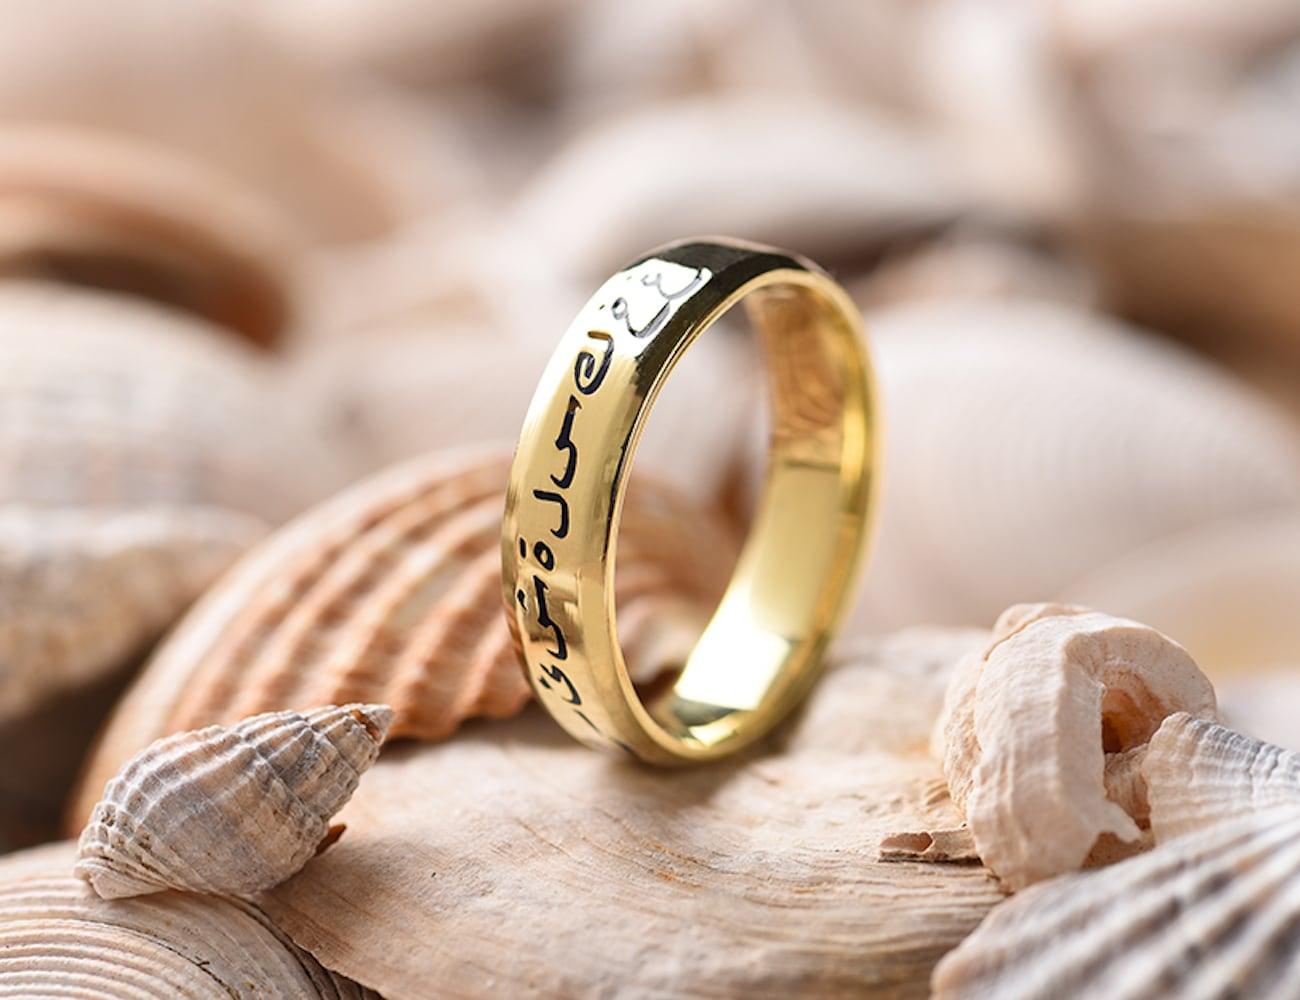 Viva Ring Online Customizable Ring